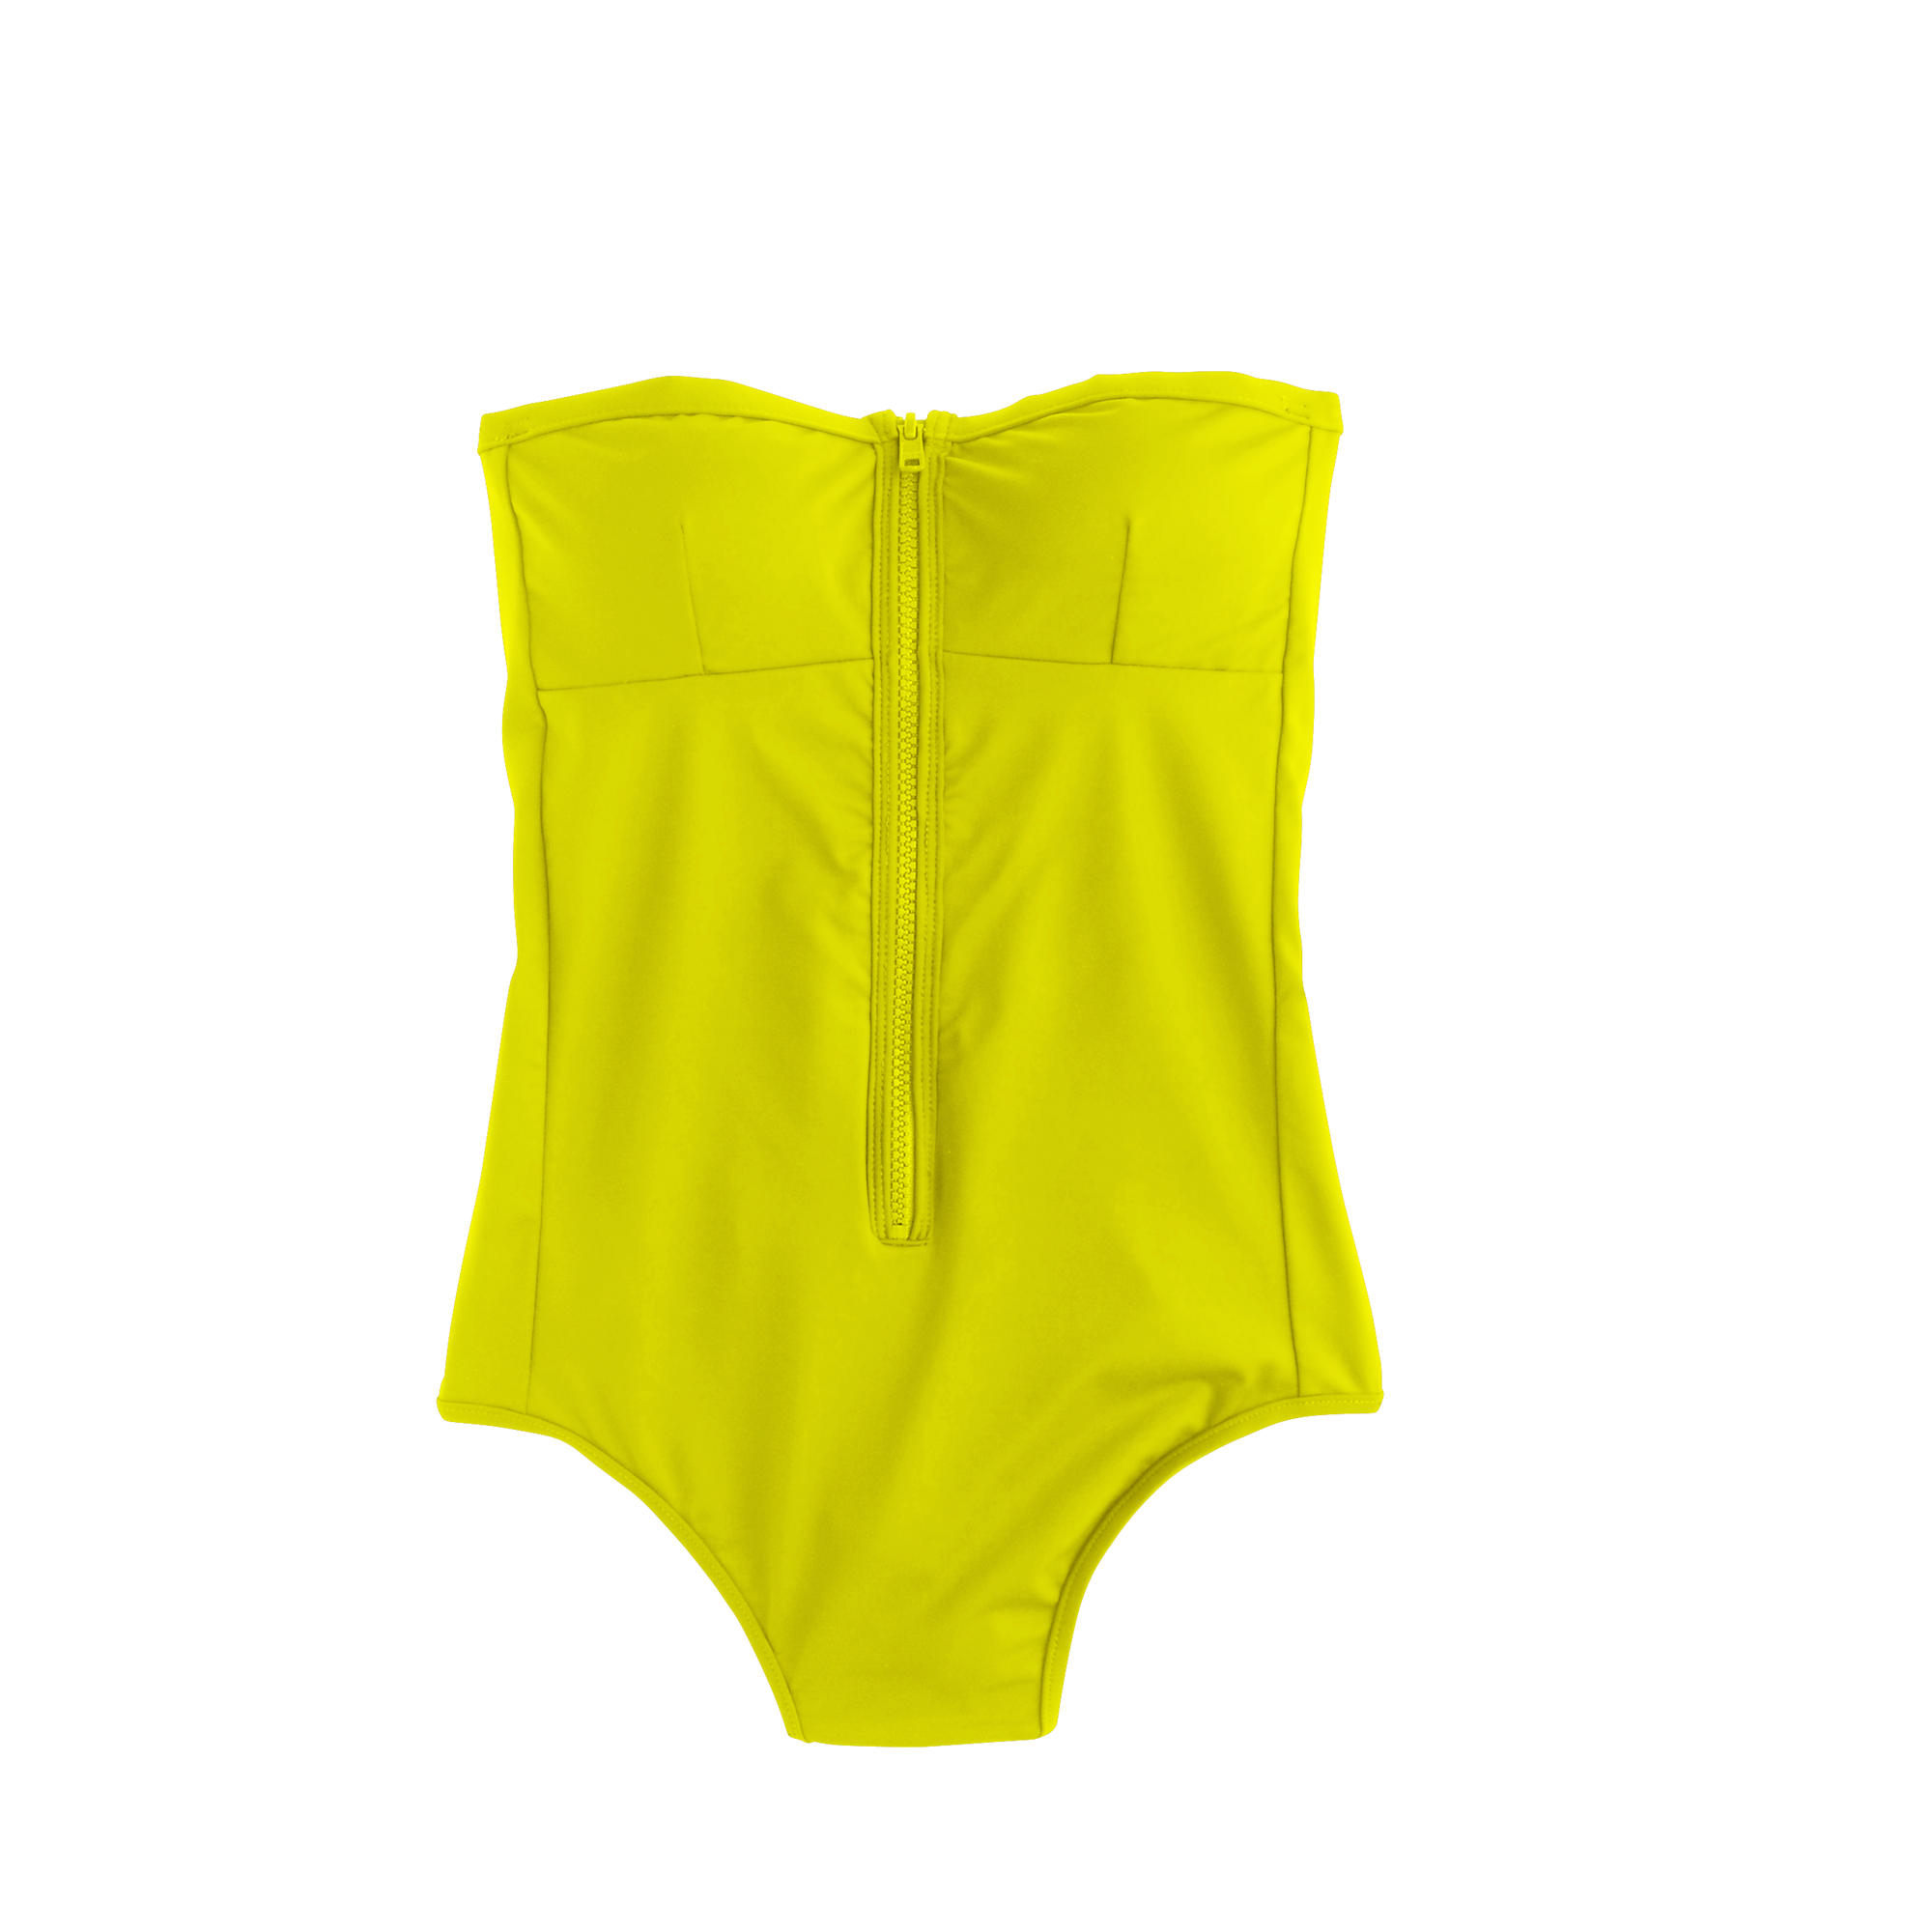 J.crew Italian Matte Bandeau Zip One-piece Swimsuit in ...